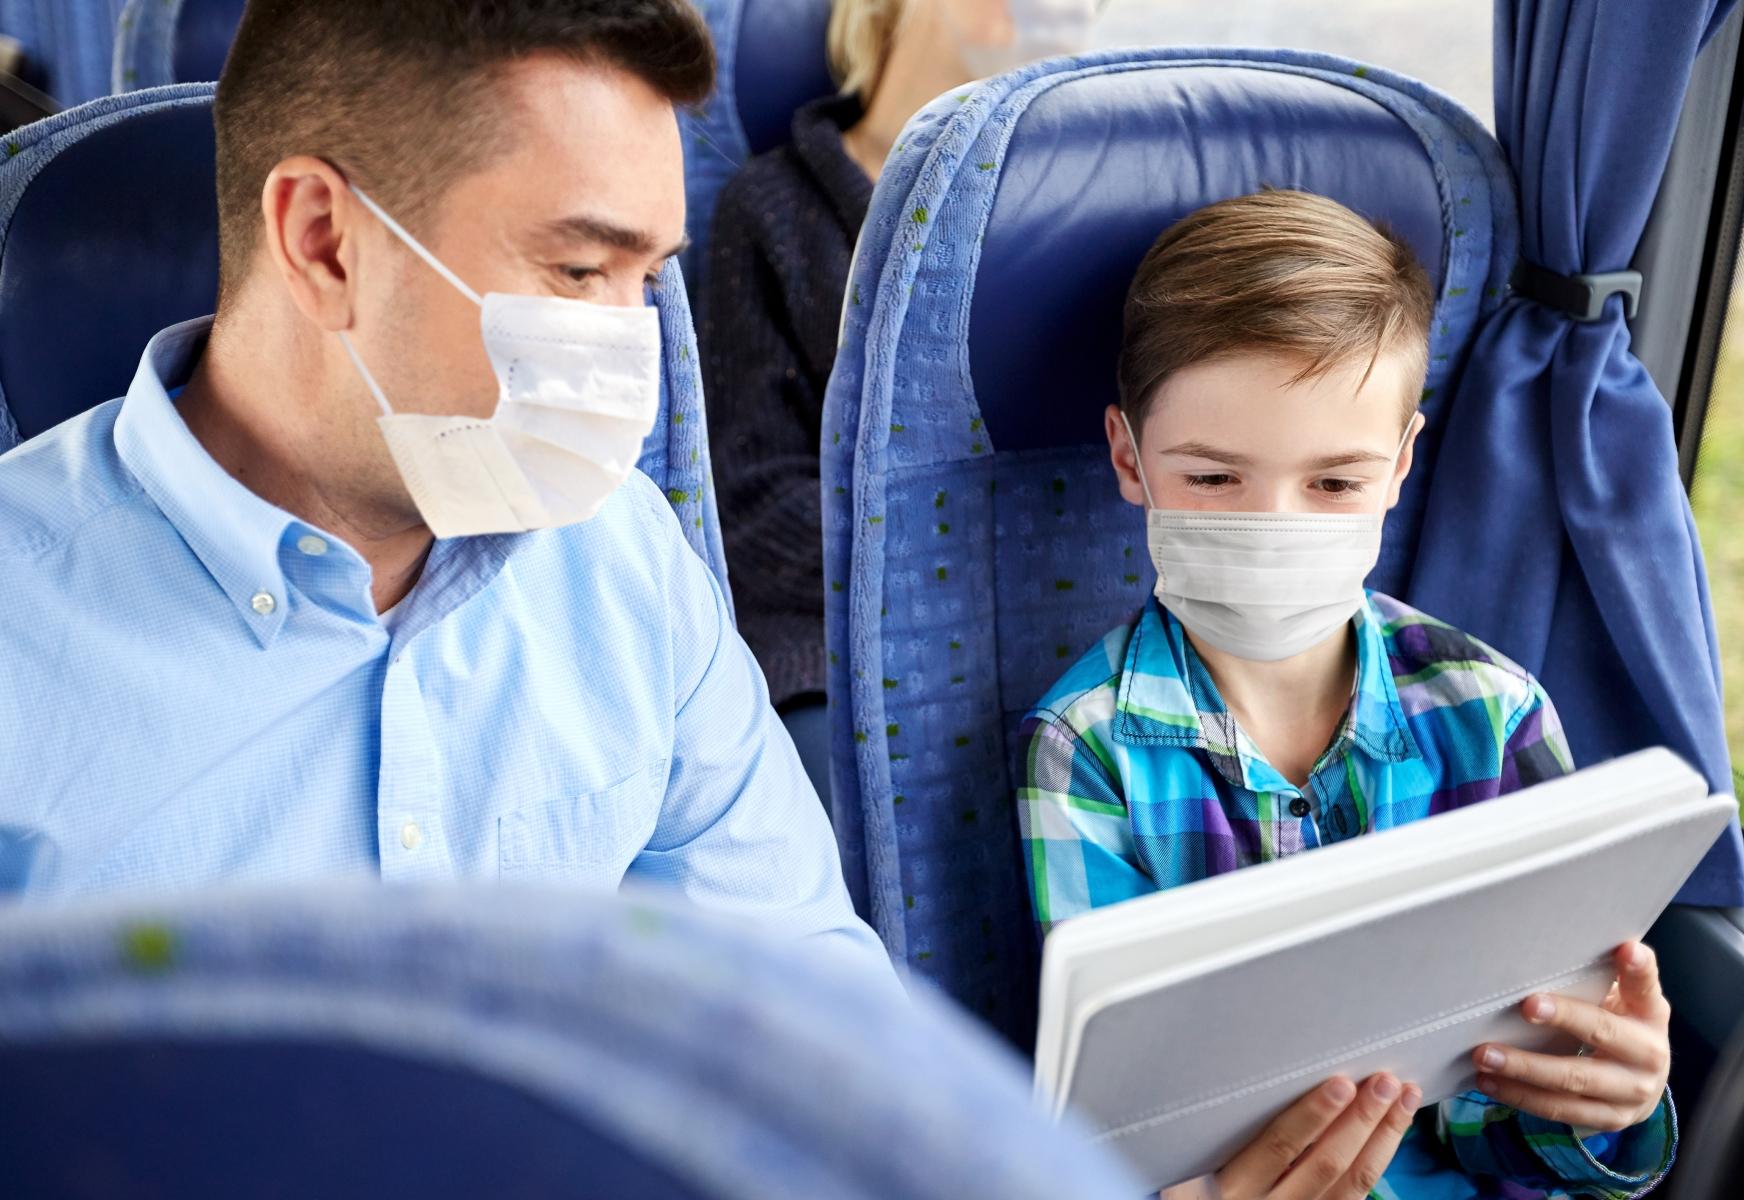 Mann og gutt iført munnbind, som ser på nettbrett under en busstur.